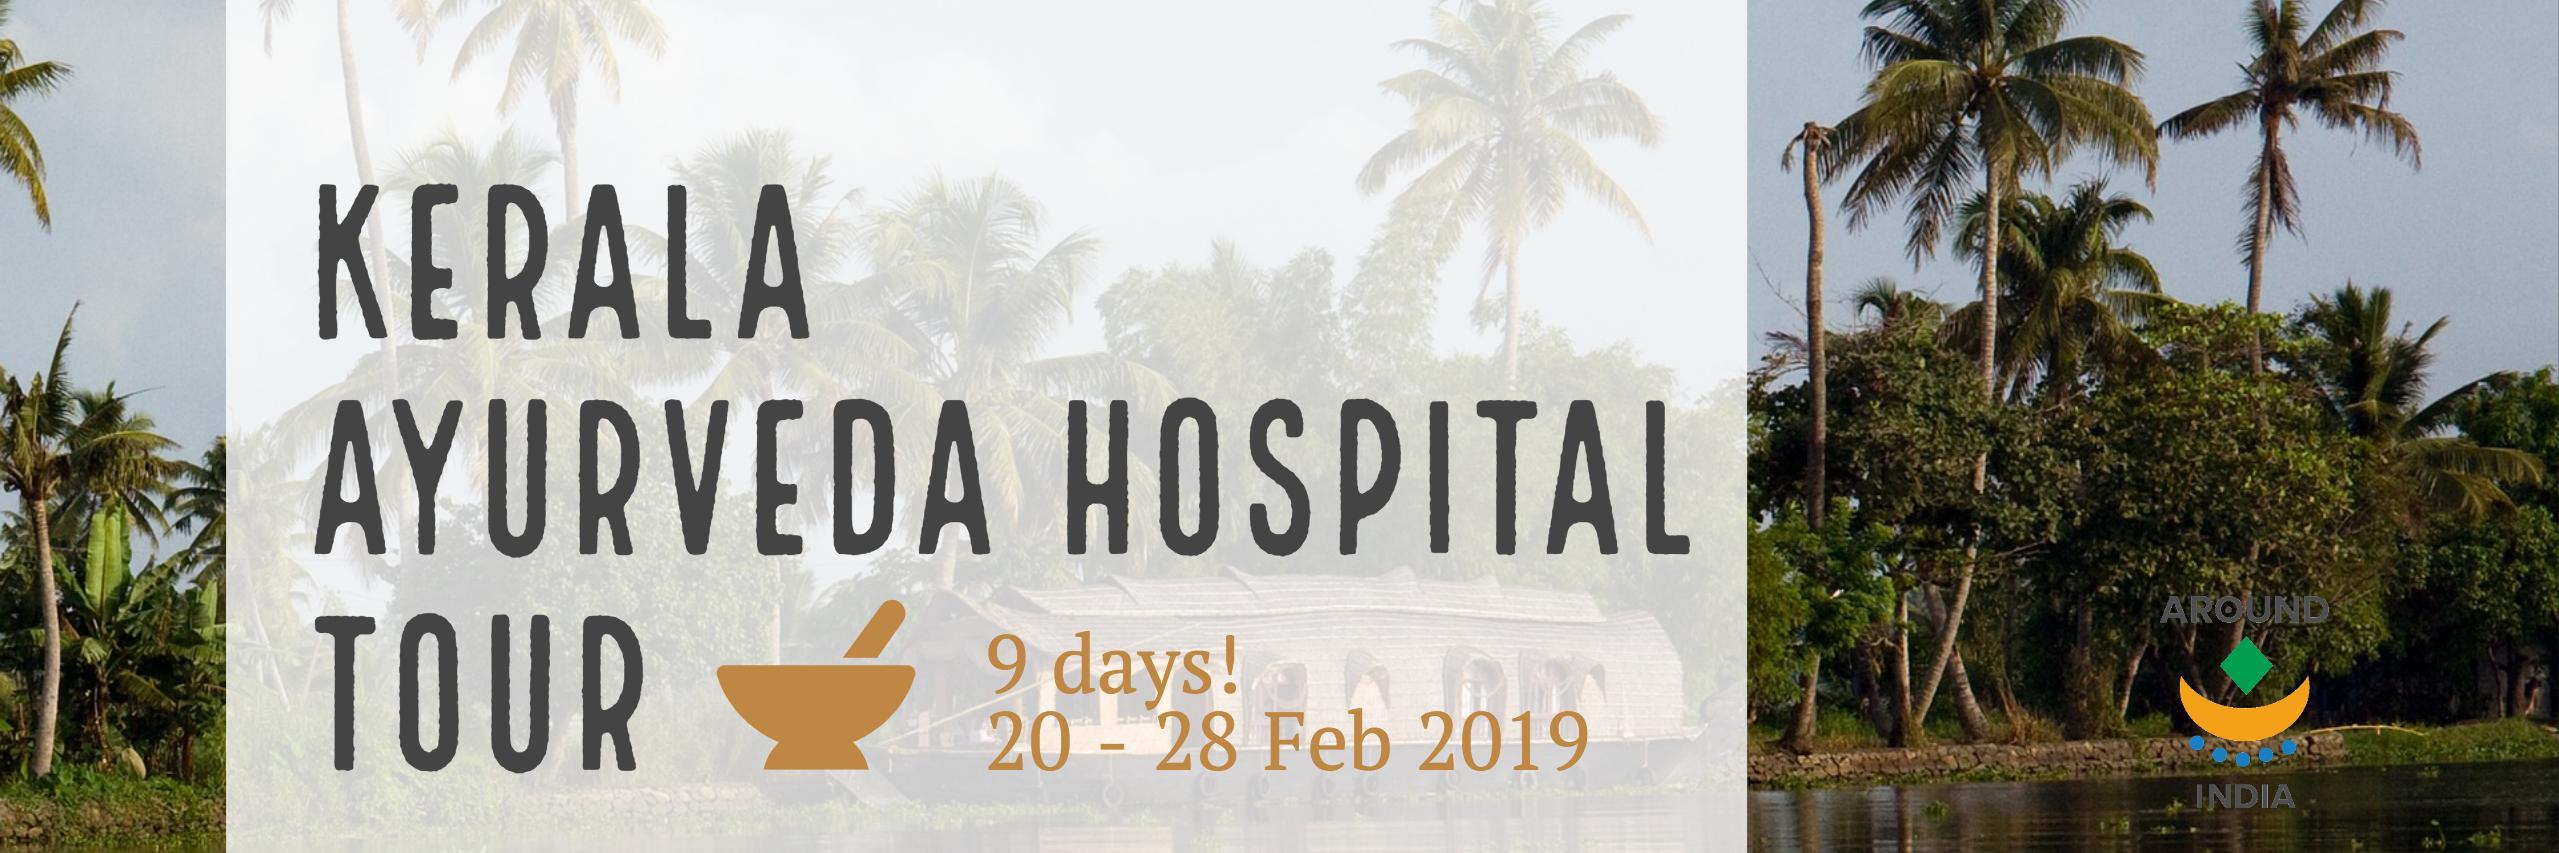 南インド・アーユルヴェーダ病院ツアー